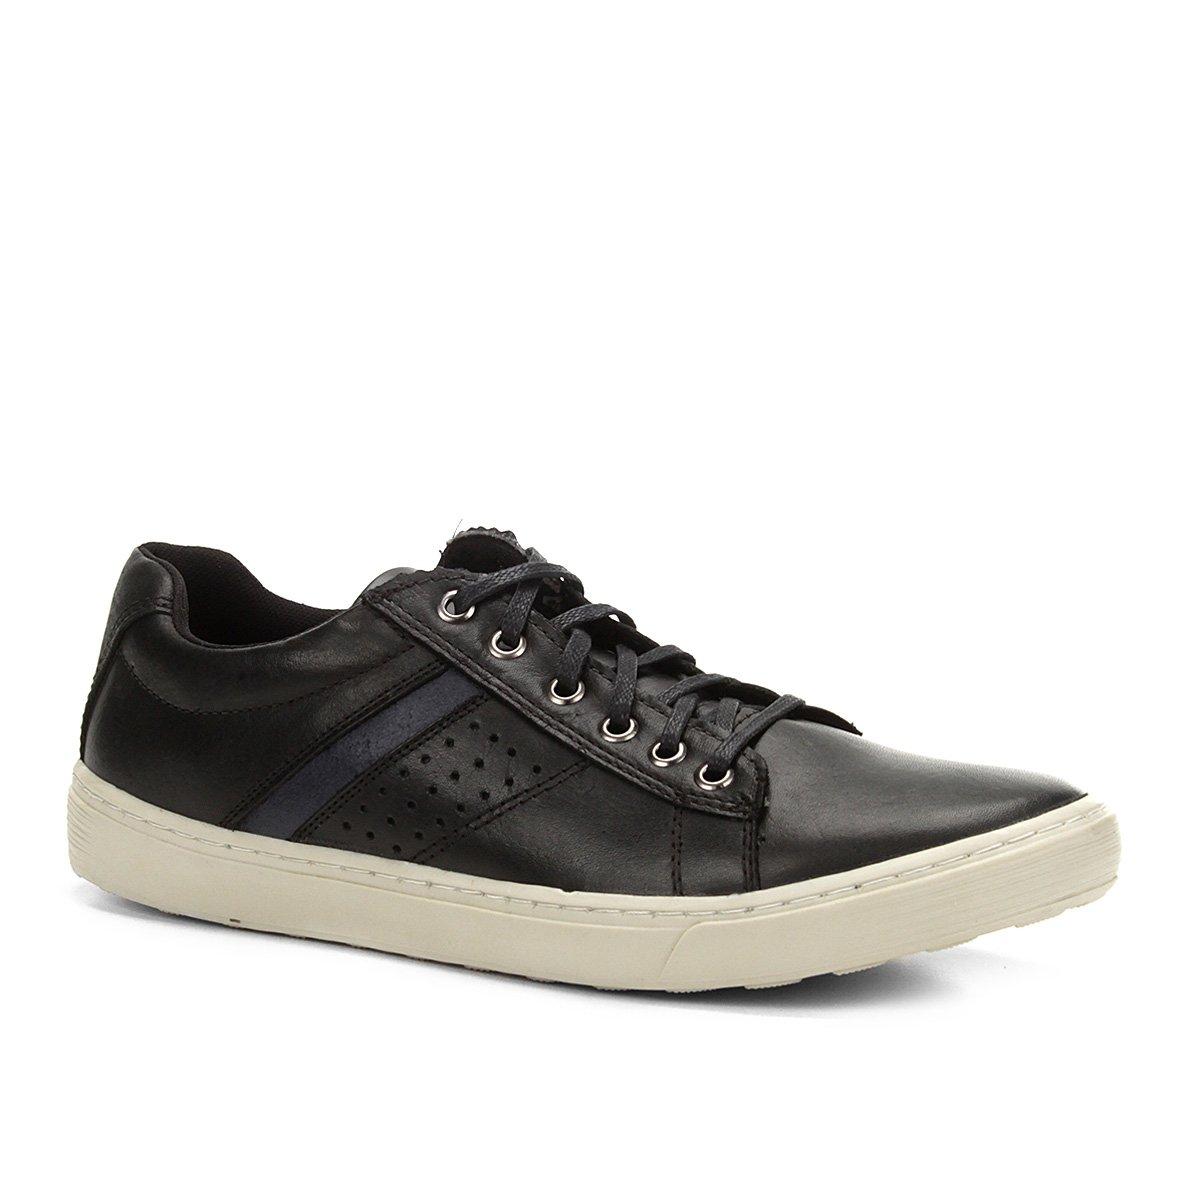 fbc0e9dddb Sapatênis Couro Shoestock Recorte Lateral Masculino